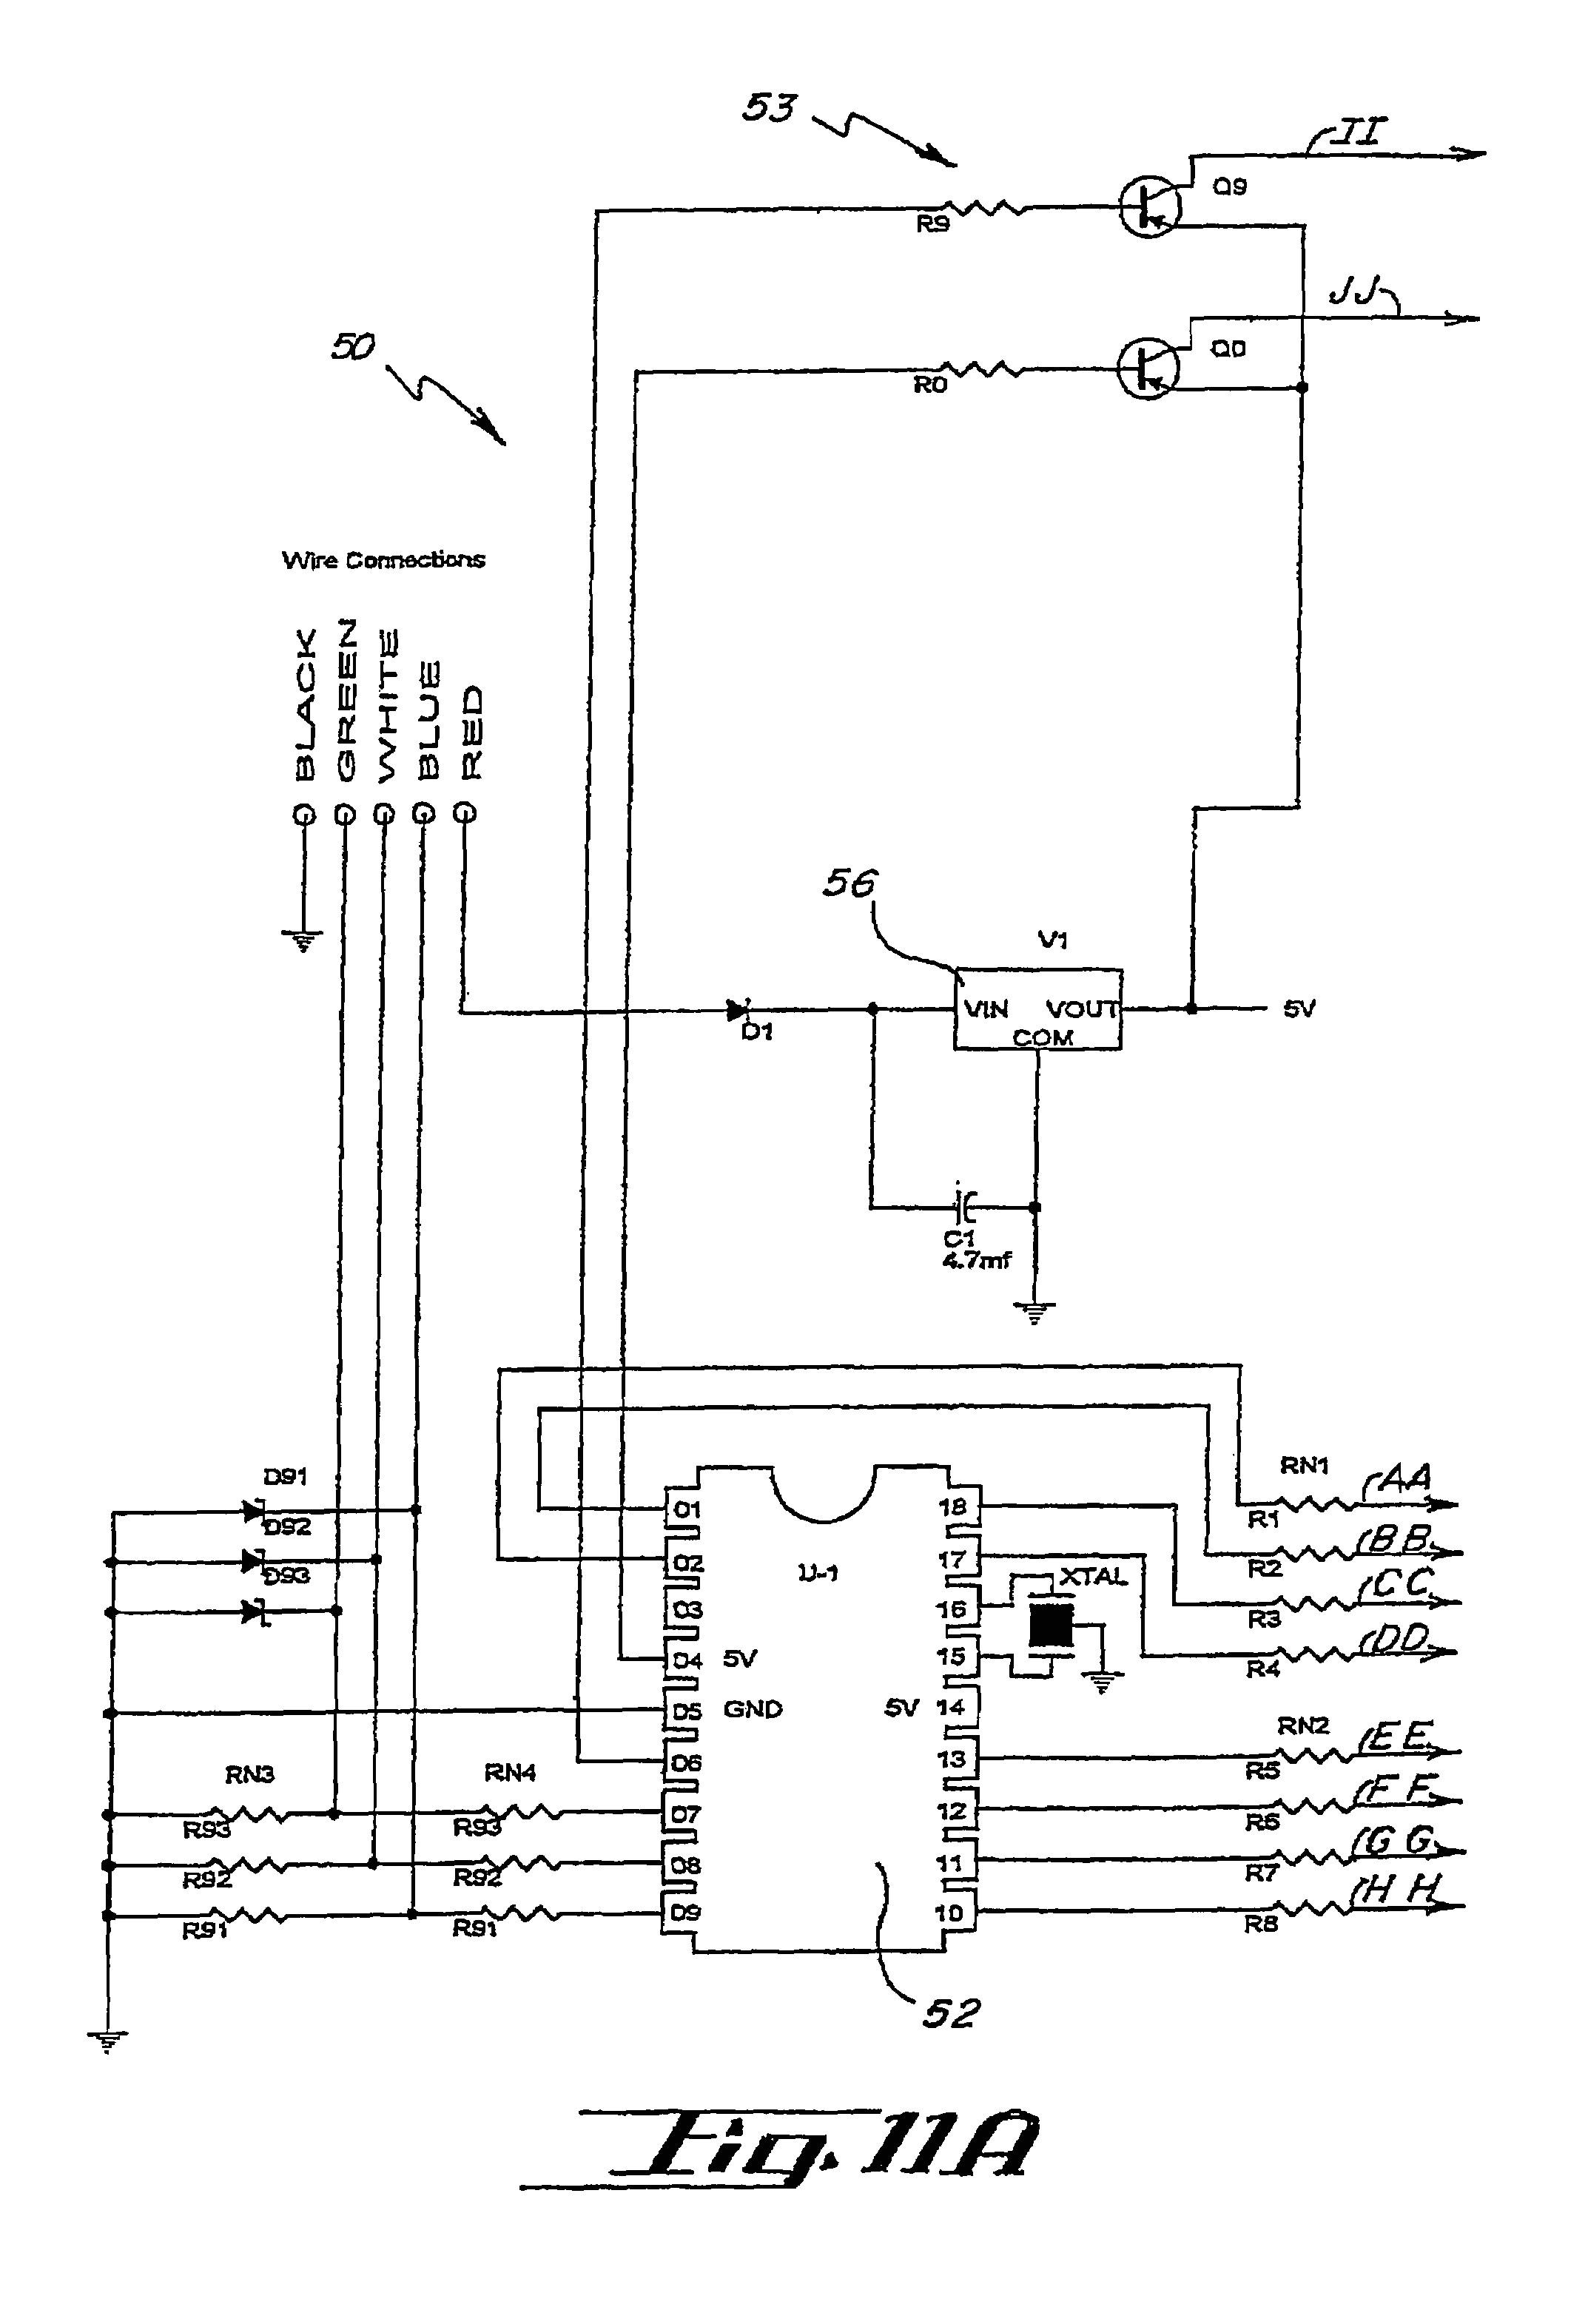 tir3 wiring diagram wiring diagram page light bar wiring diagram whelen 295hfs4